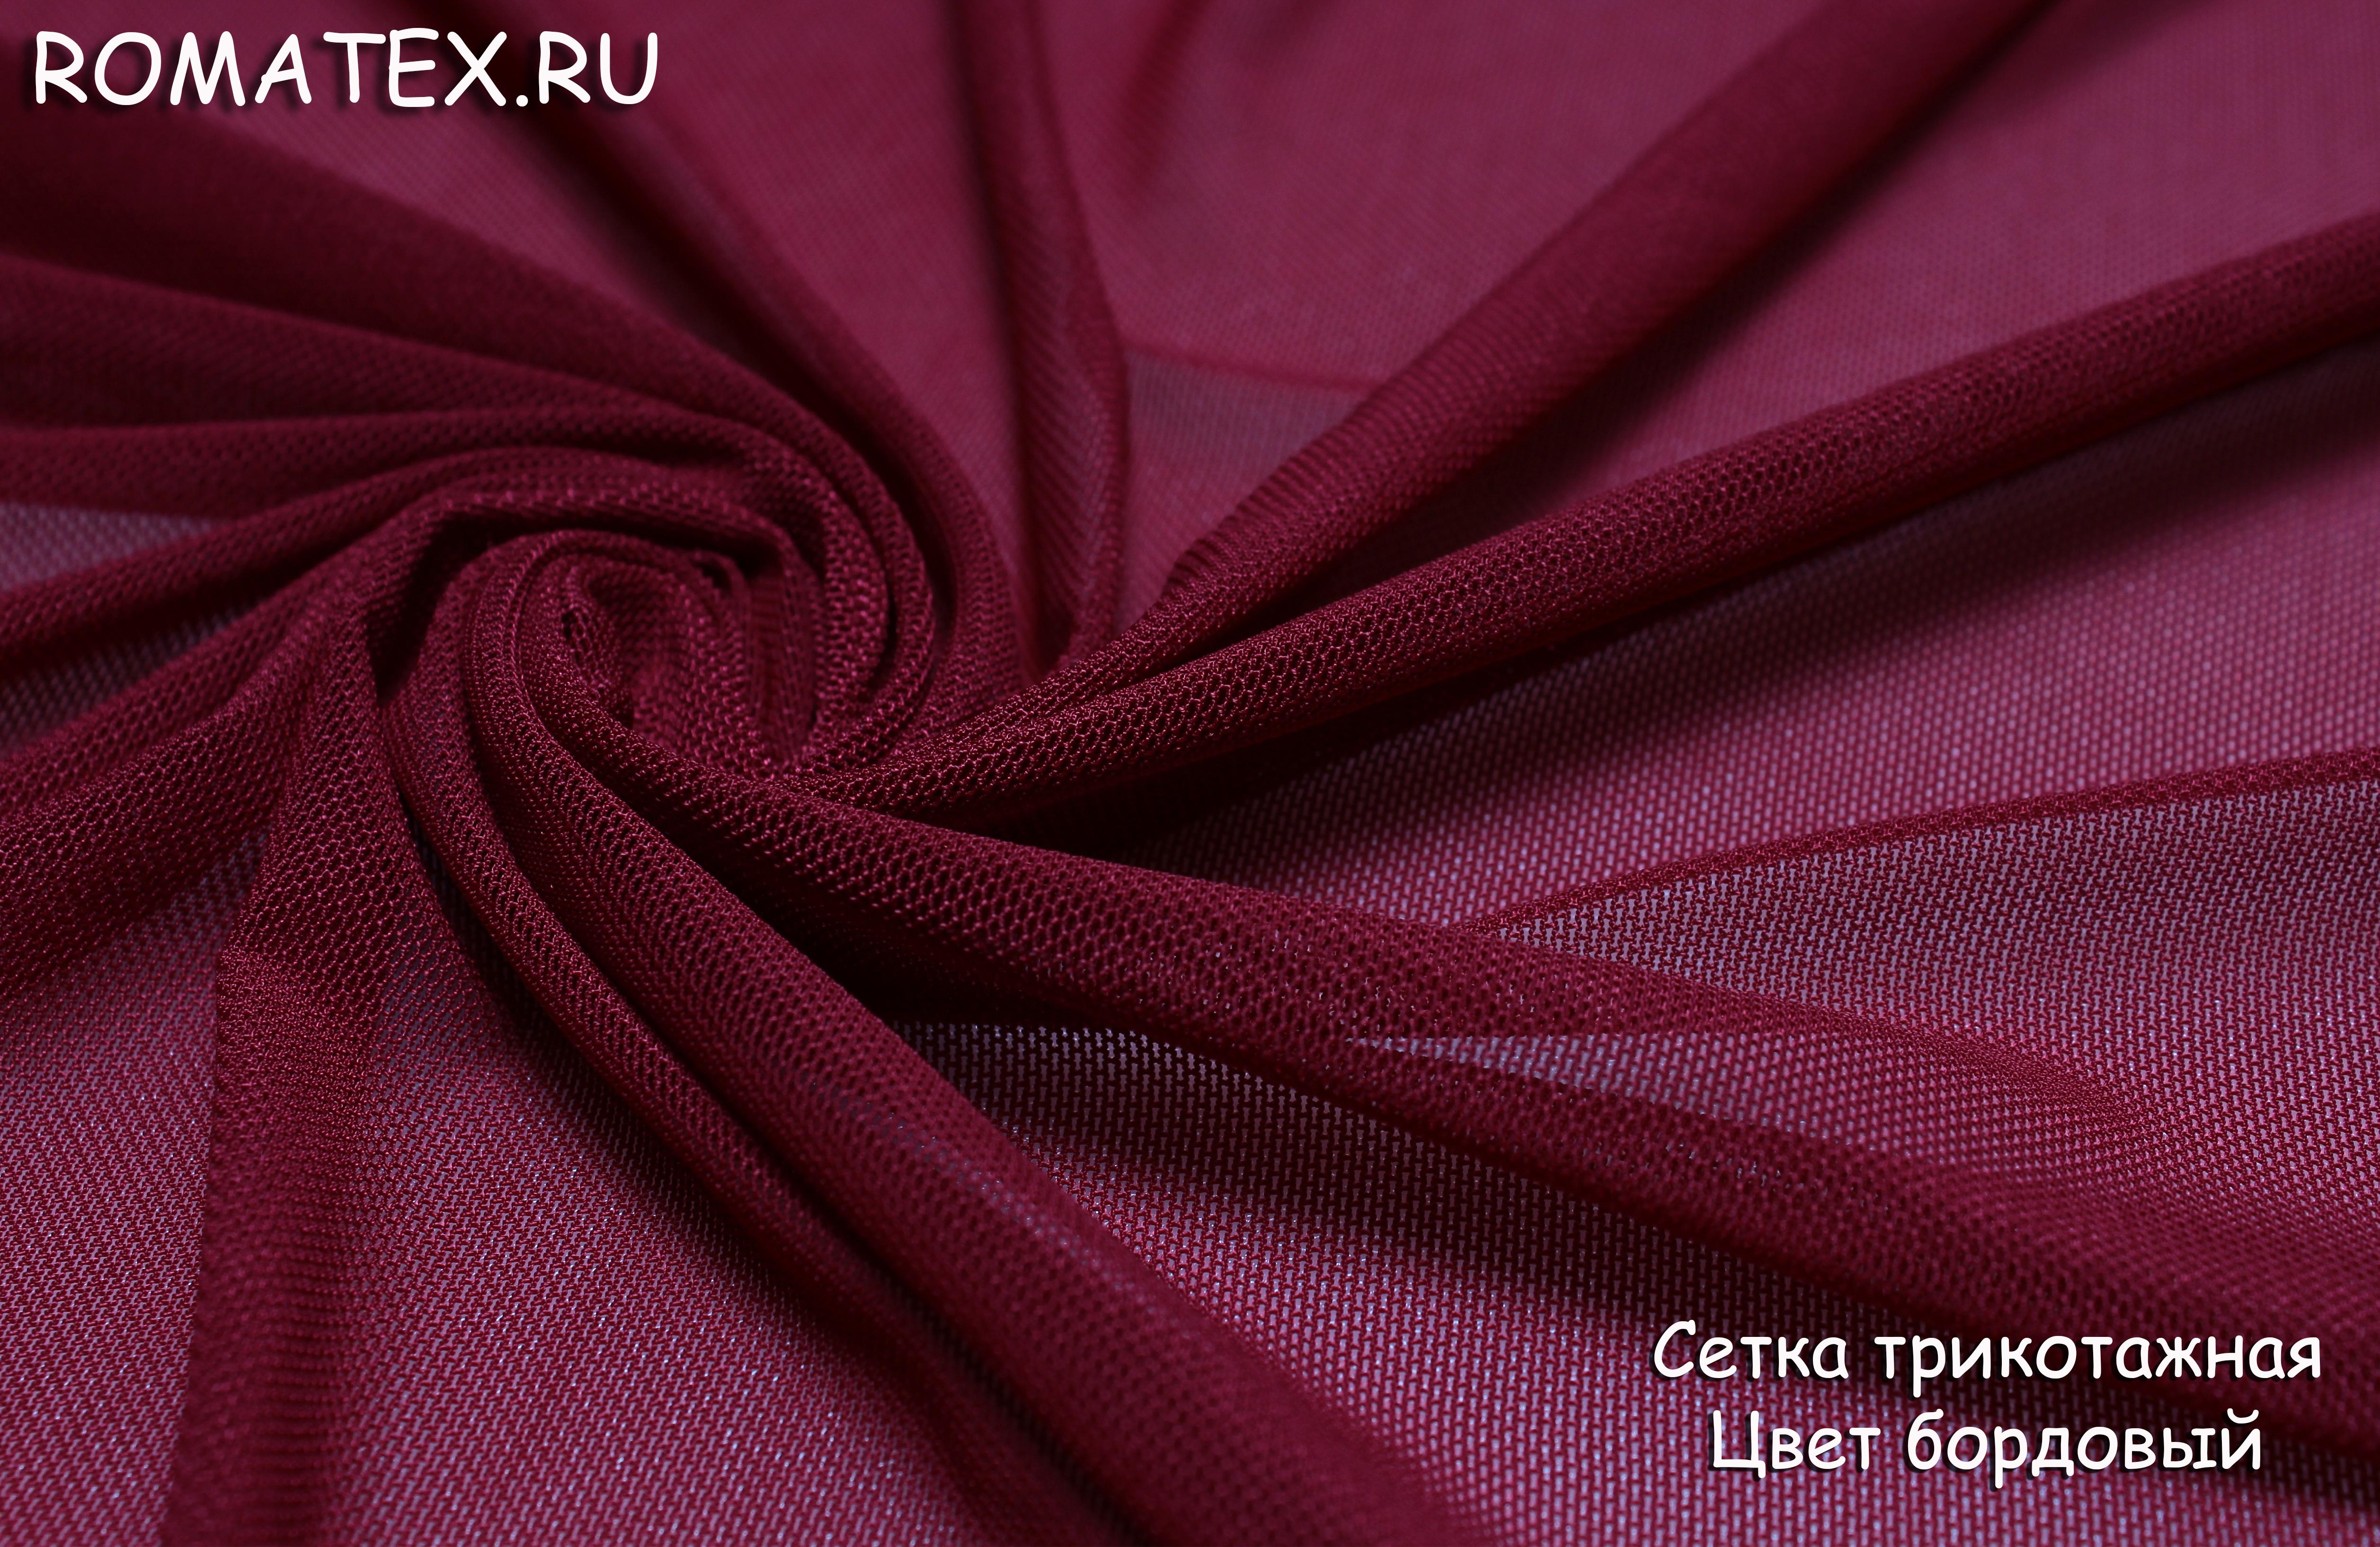 Сетка трикотажная цвет бордовый